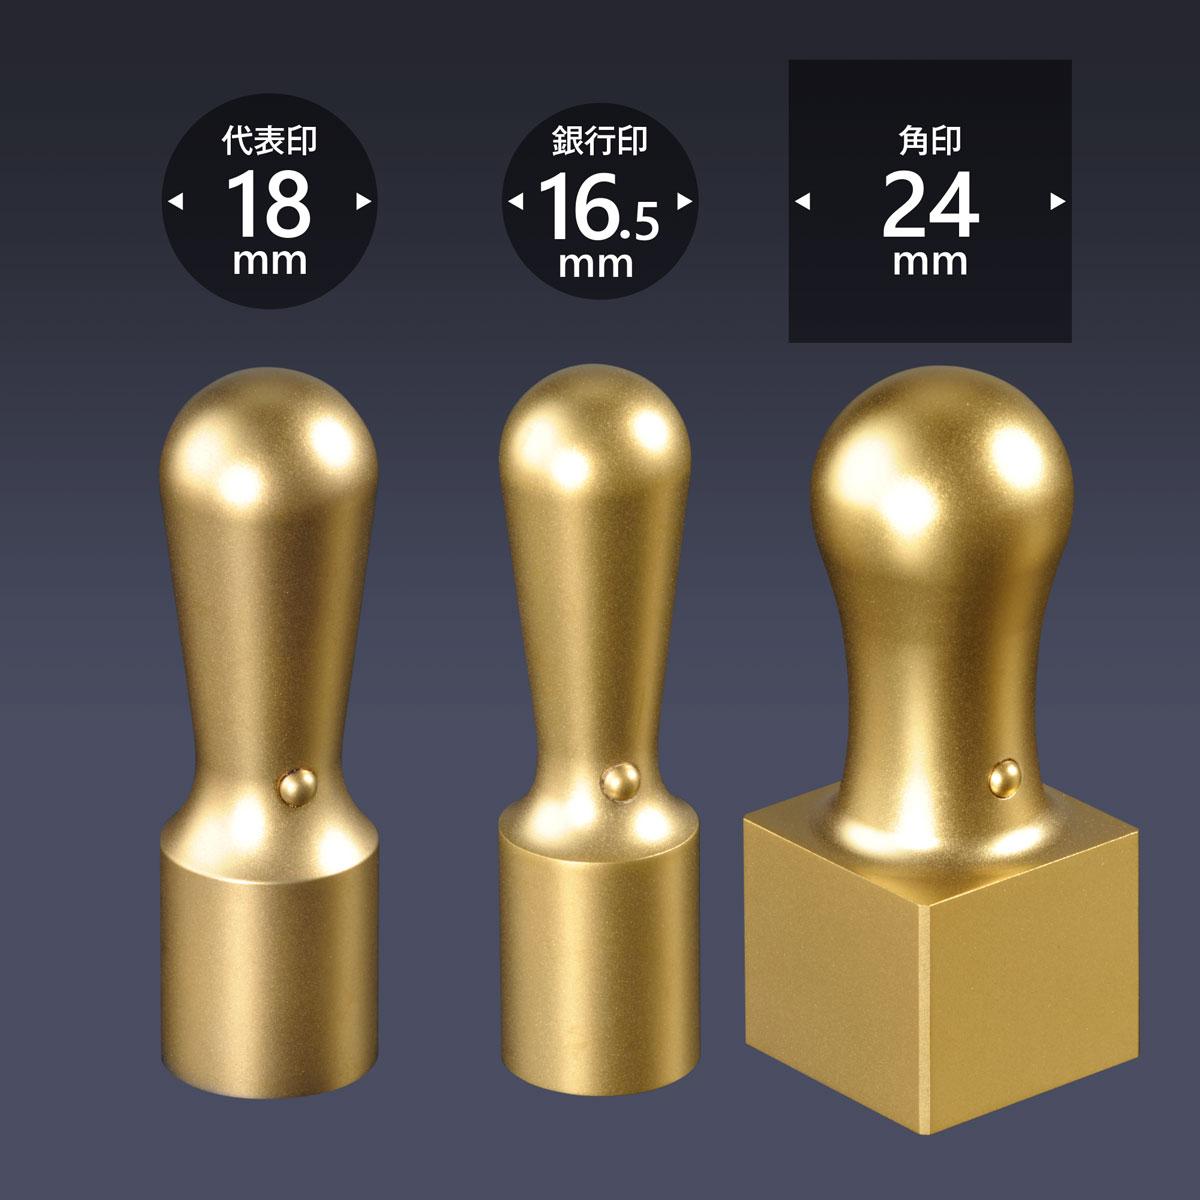 会社印 ブラストチタン(ゴールド)3本E24セット/送料無料 法人 会社設立 実印 銀行印 角印 女性 法人印鑑 社印